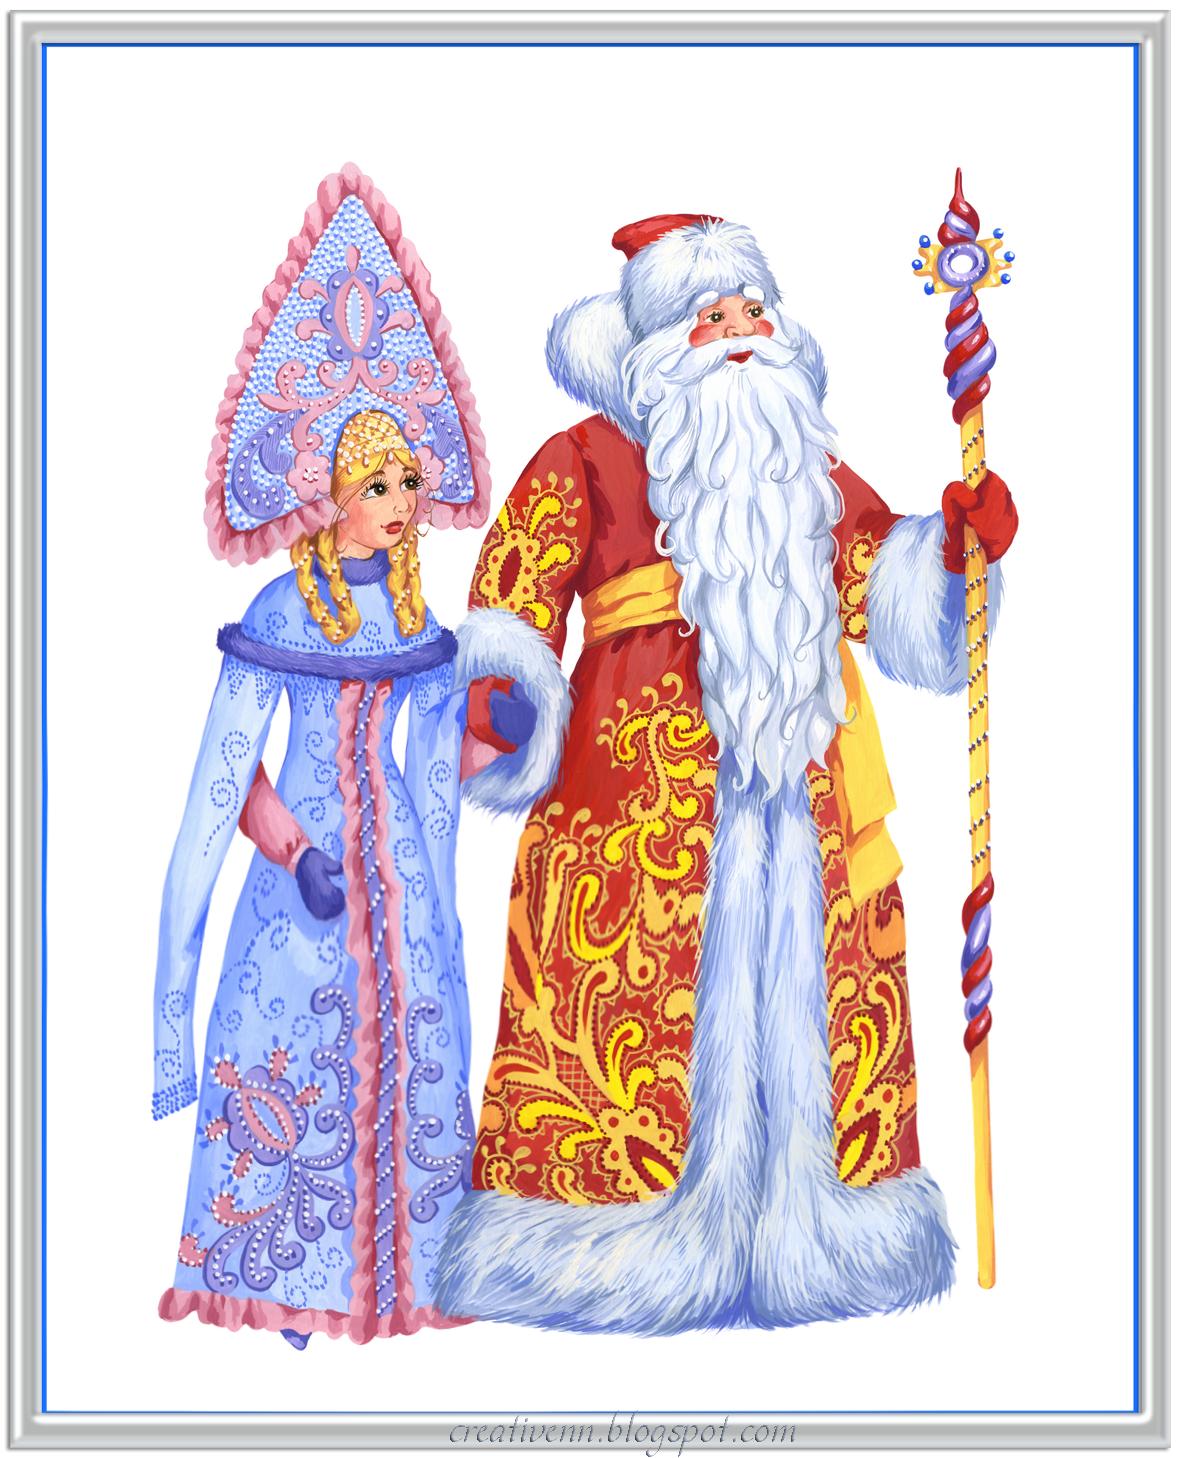 Мультяшные картинки деда мороза и снегурочки